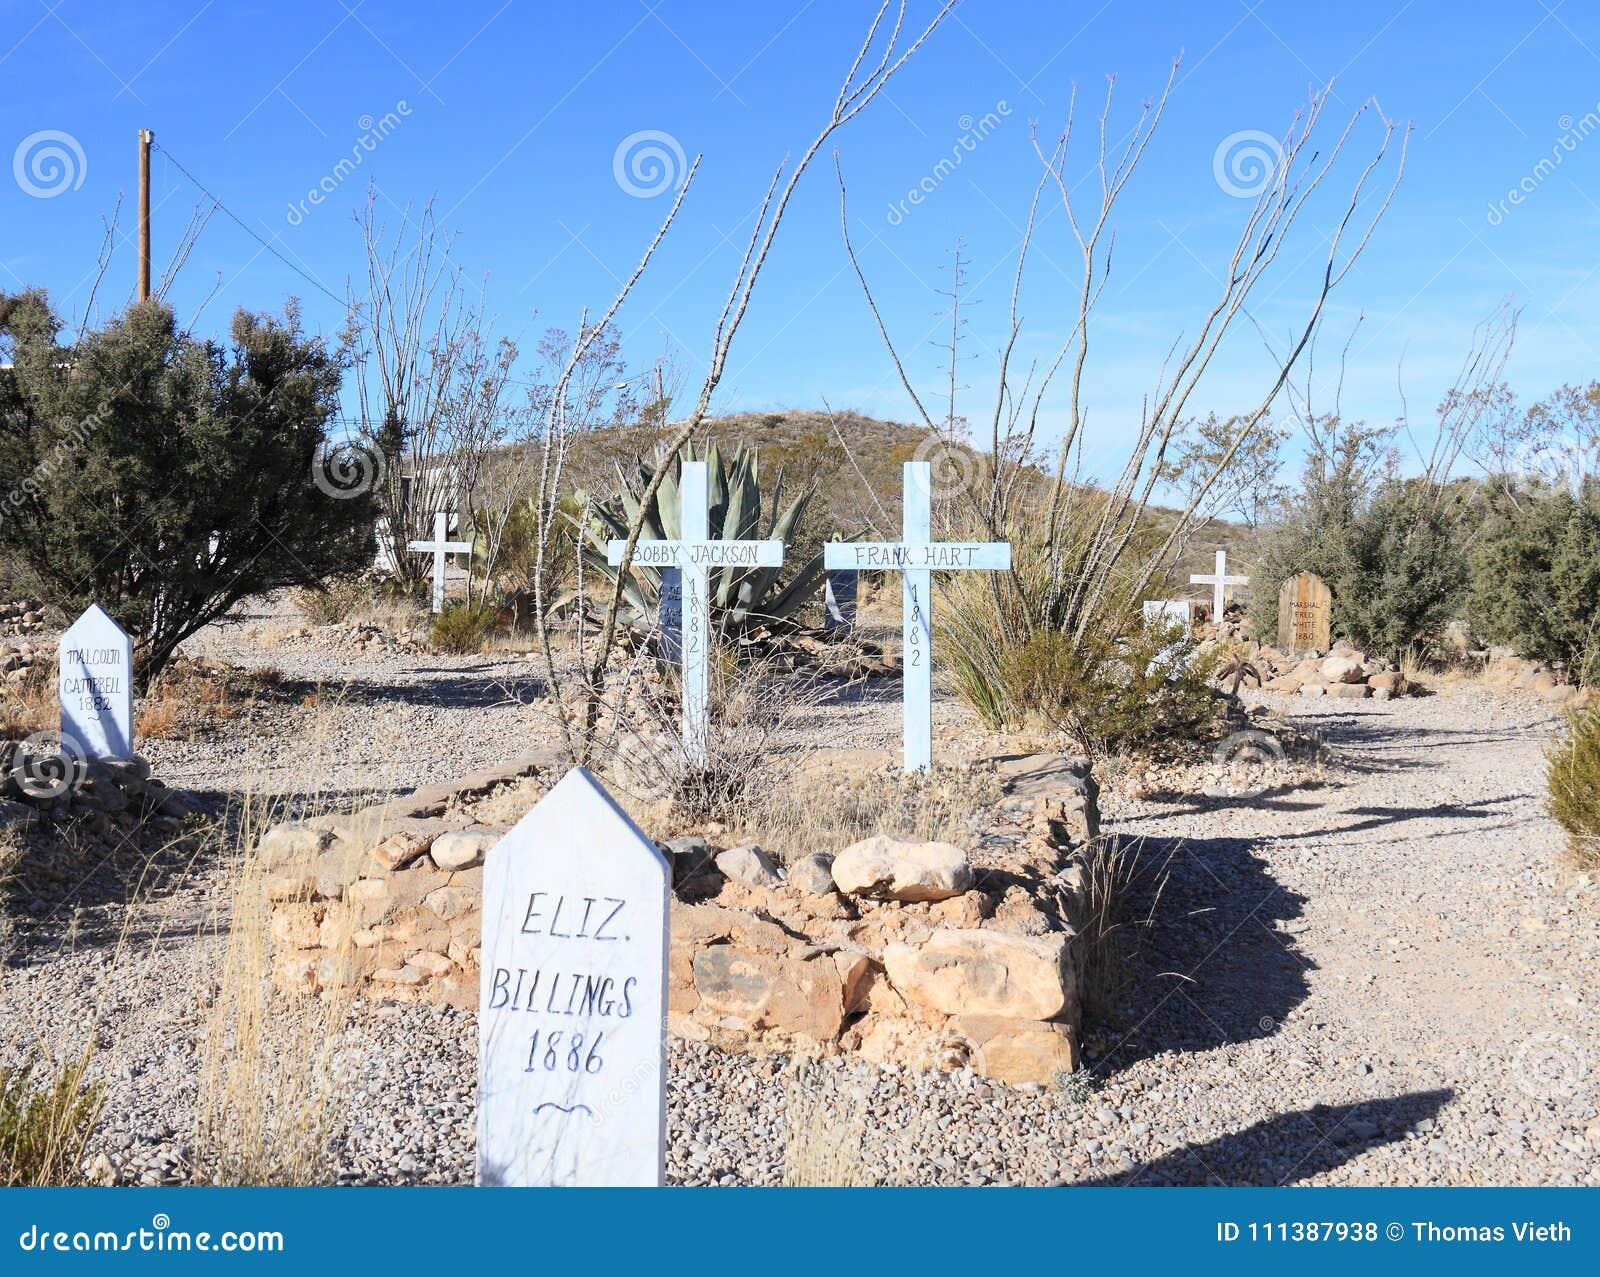 Ταφόπετρα, Αριζόνα: Παλαιό νεκροταφείο Hill δύσης/μποτών - τάφος με δύο σταυρούς